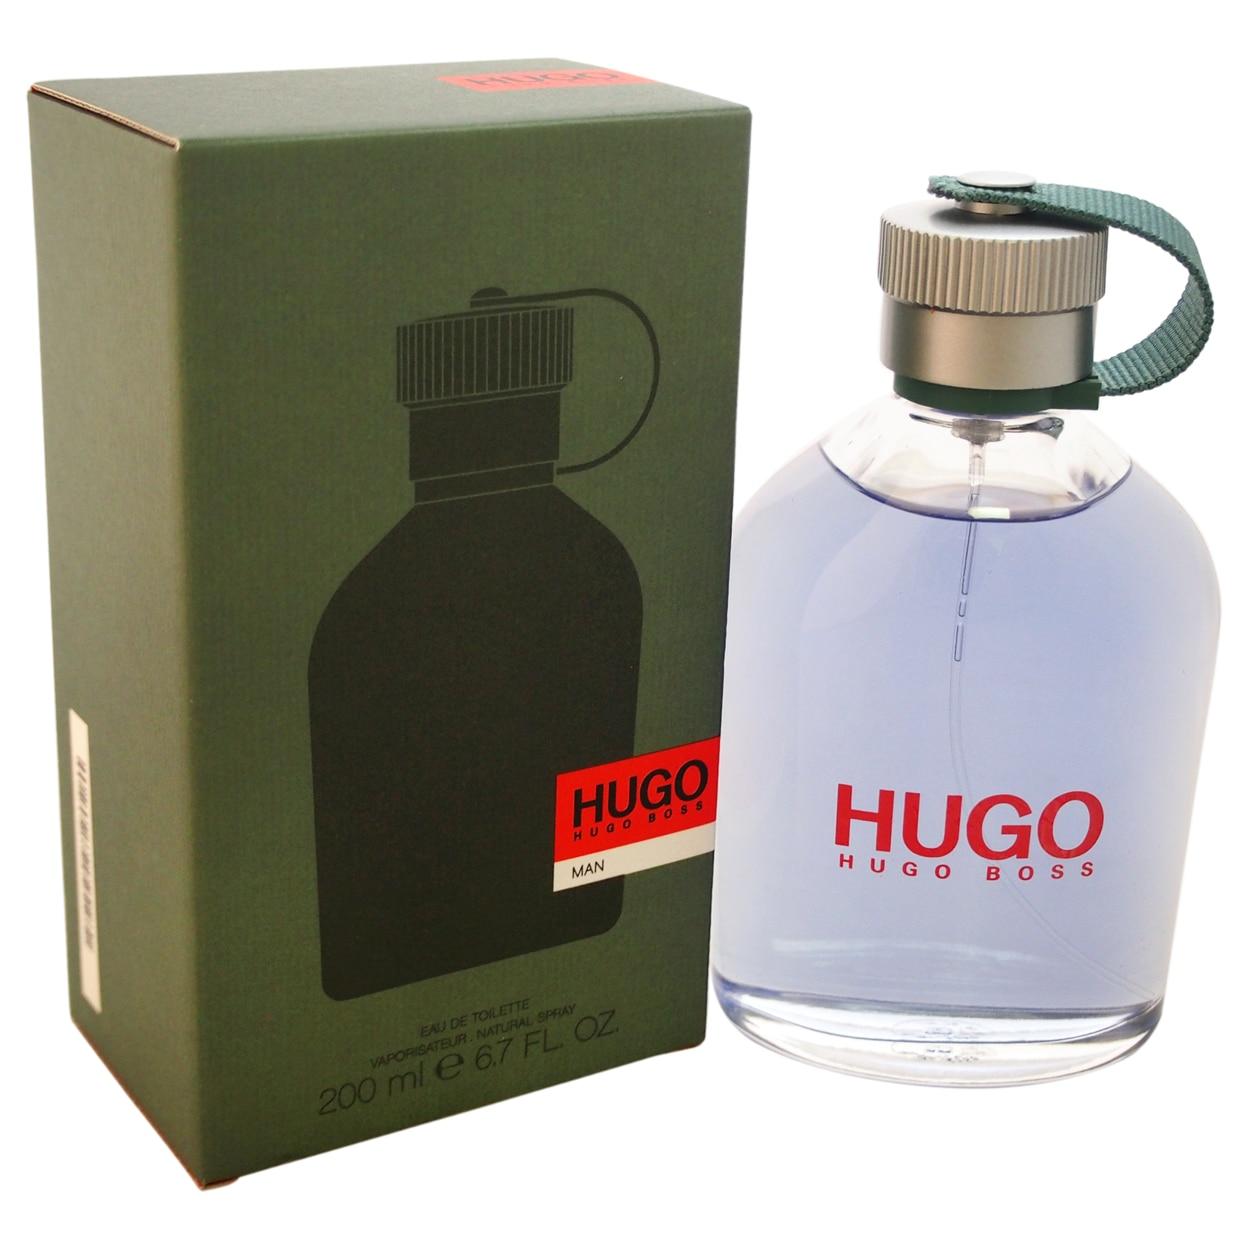 Hugo by Hugo Boss for Men - 6.7 oz EDT Spray 2 0 12 9 matrix 11227